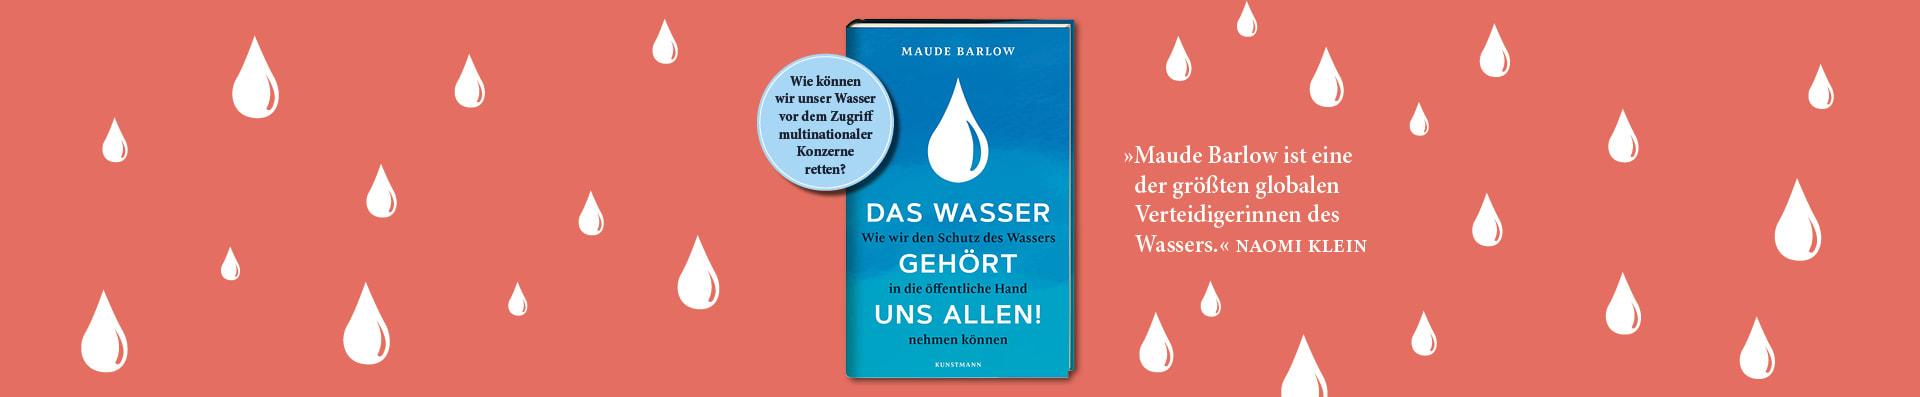 Maude Barlow – Das Wasser gehört uns allen!